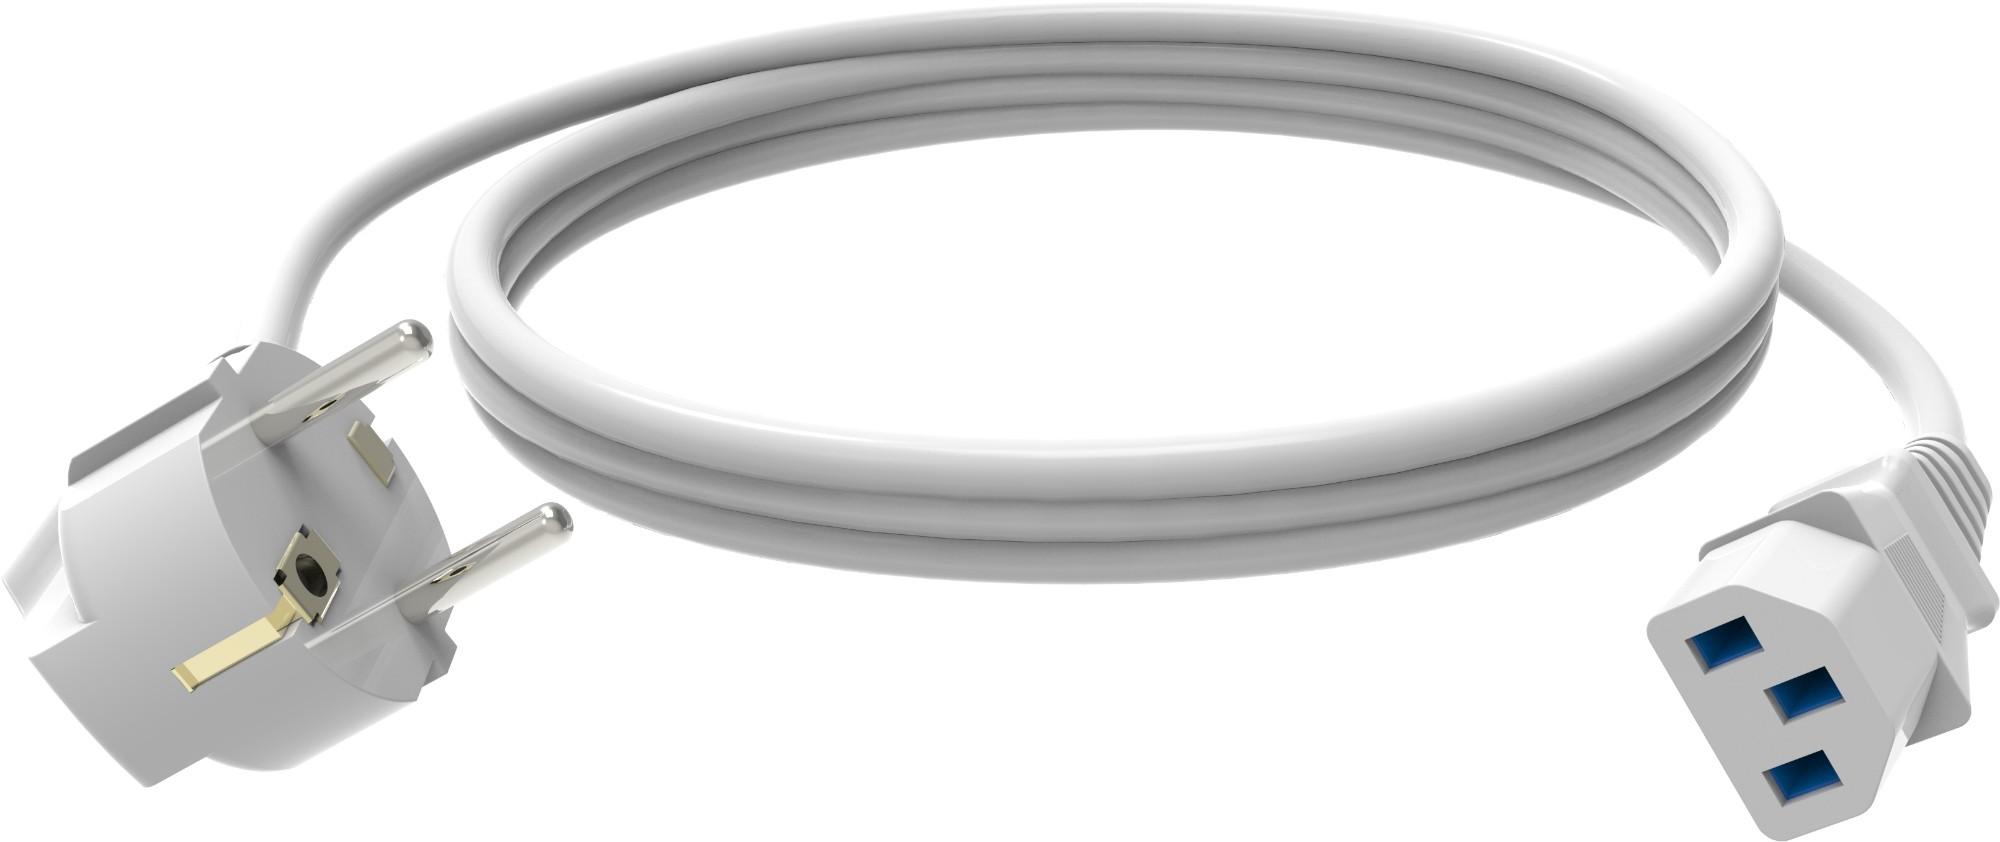 Vision TC 2MEUIEC power cable White 2 m C13 coupler CEE7/7